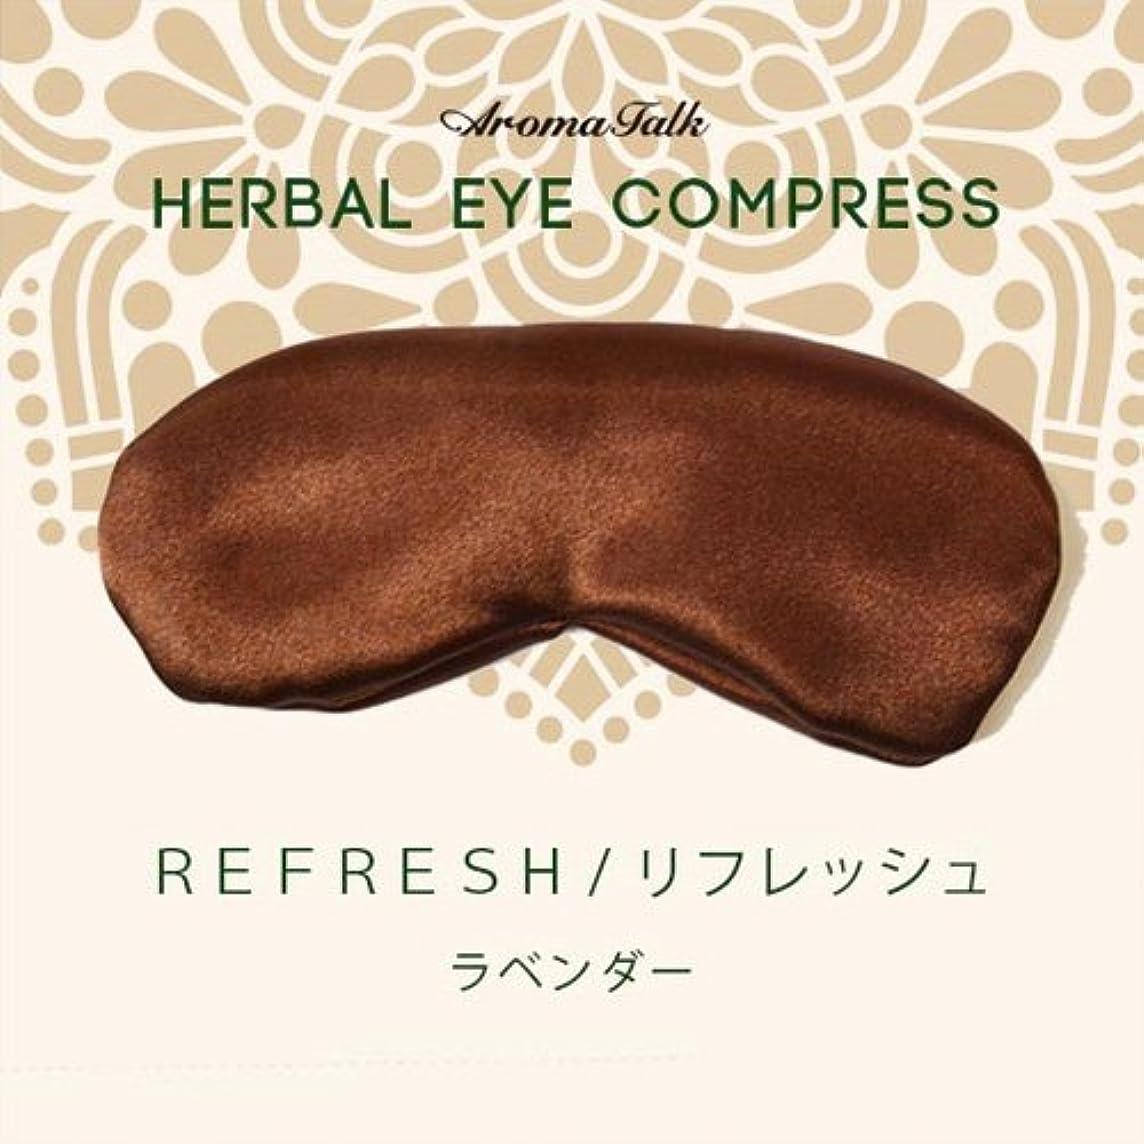 成功朝の体操をする生物学ハーバルアイコンプレス「リフレッシュ」茶/ラベンダーの爽やかなリラックスできる香り